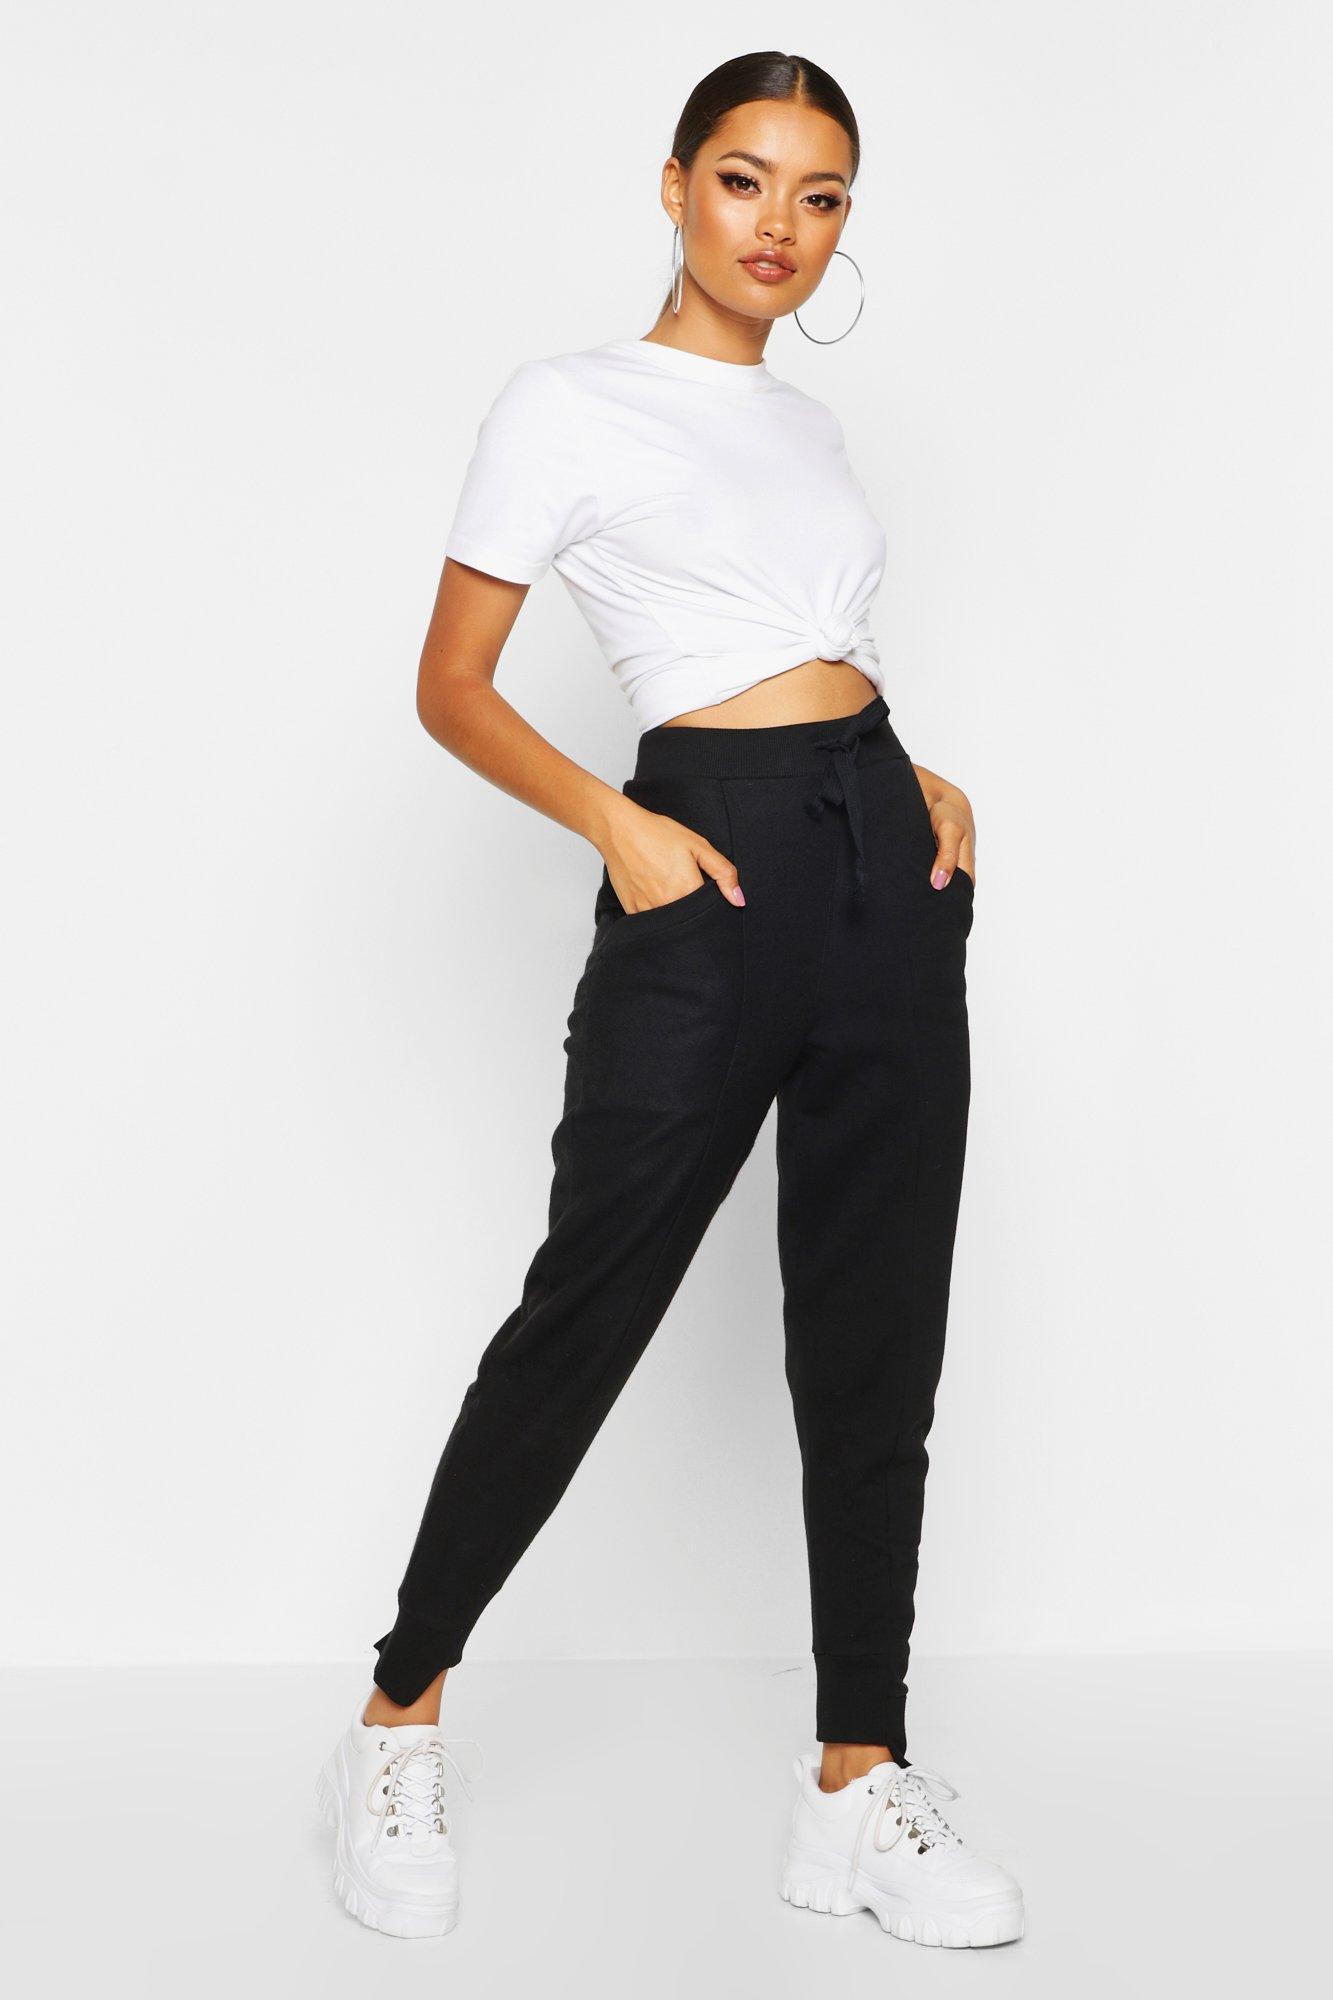 Купить Брюки, Спортивные брюки для бега с отделкой из контрастной ткани, boohoo